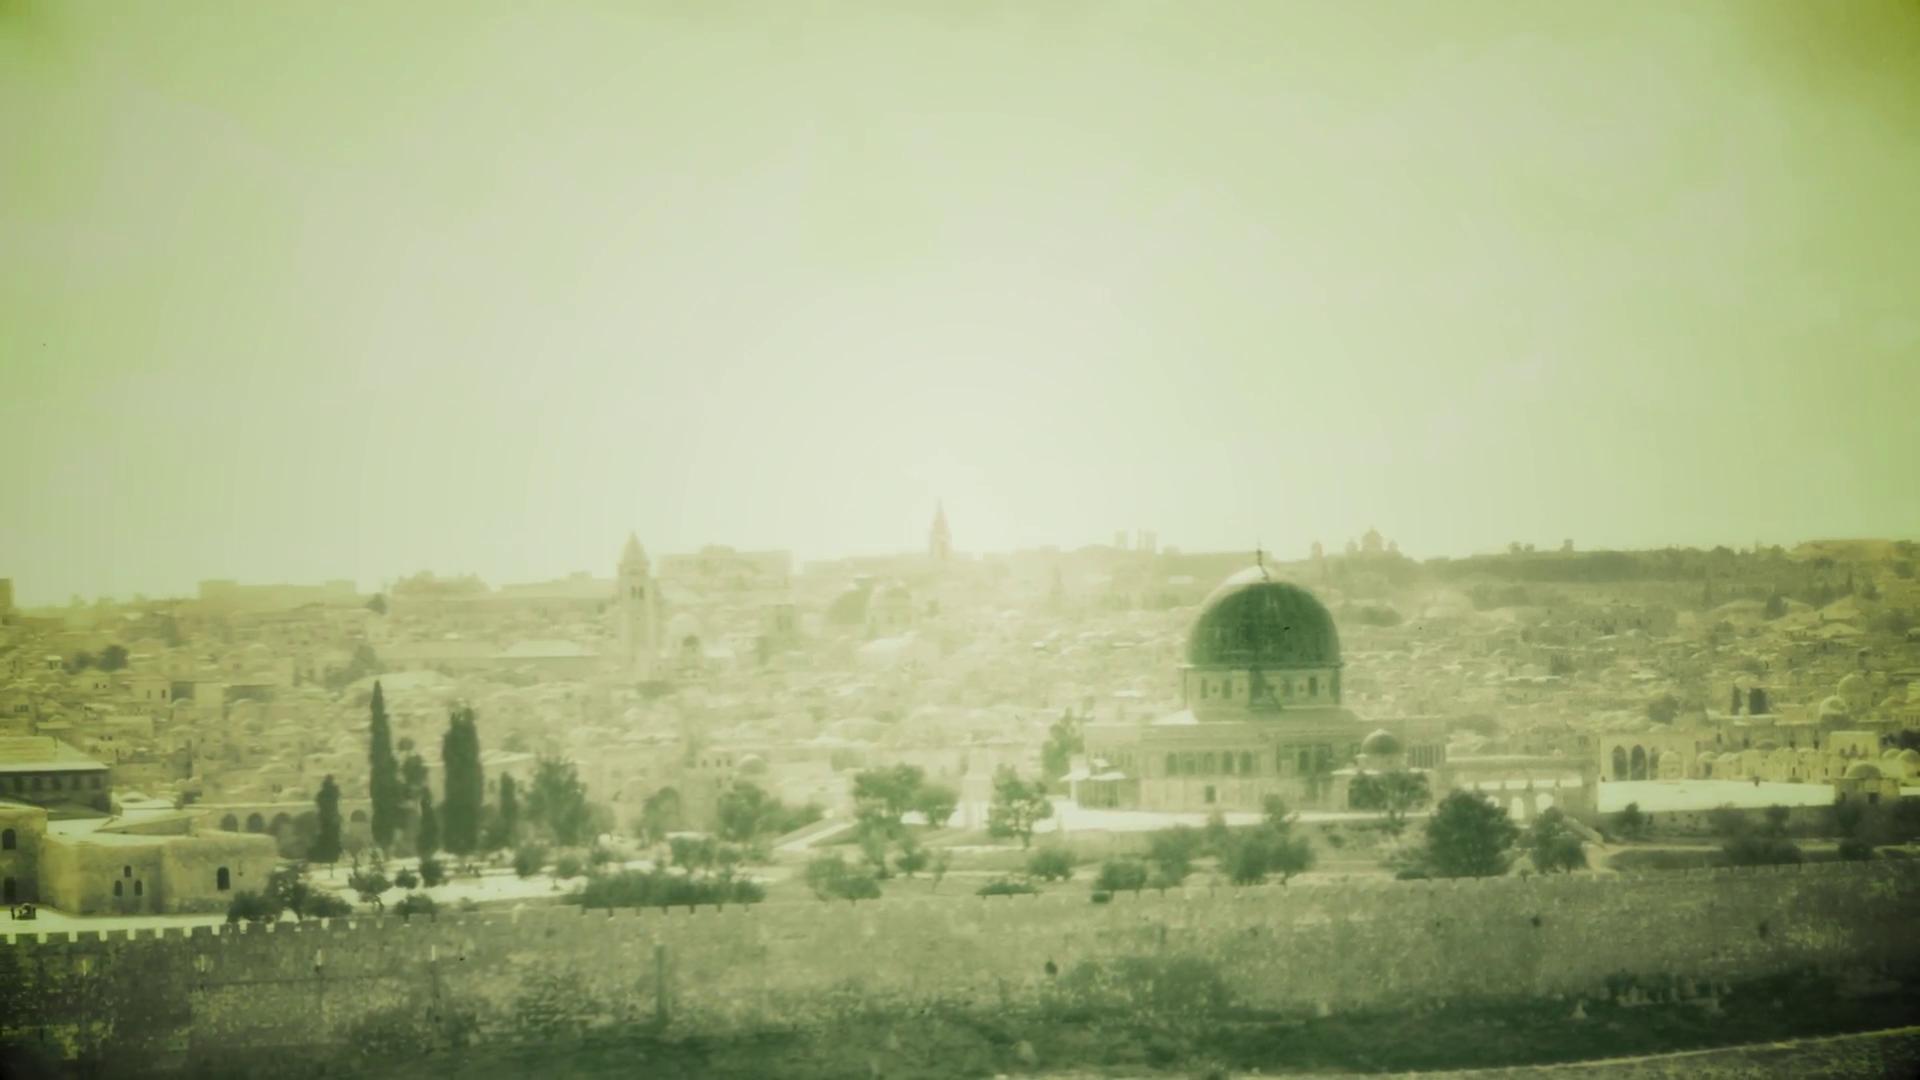 The al aqsa mosque hd wallpaper background image - Al aqsa mosque hd wallpapers ...